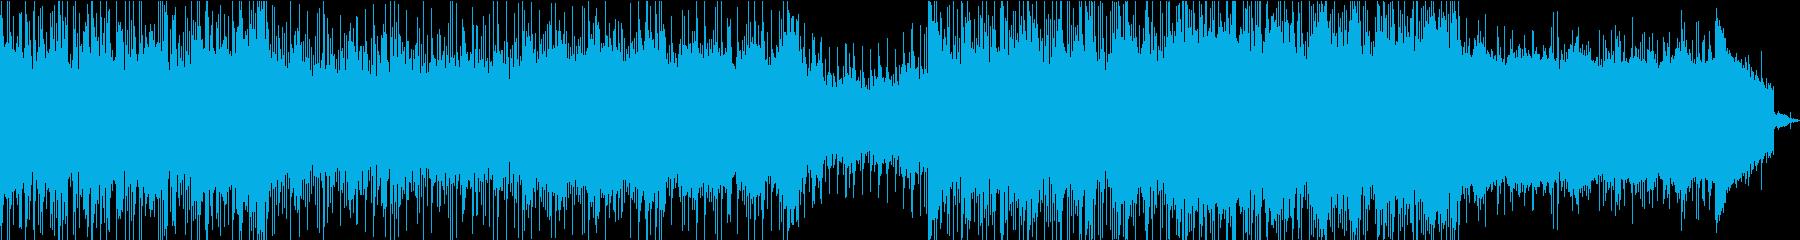 テクノで技術のある曲の再生済みの波形